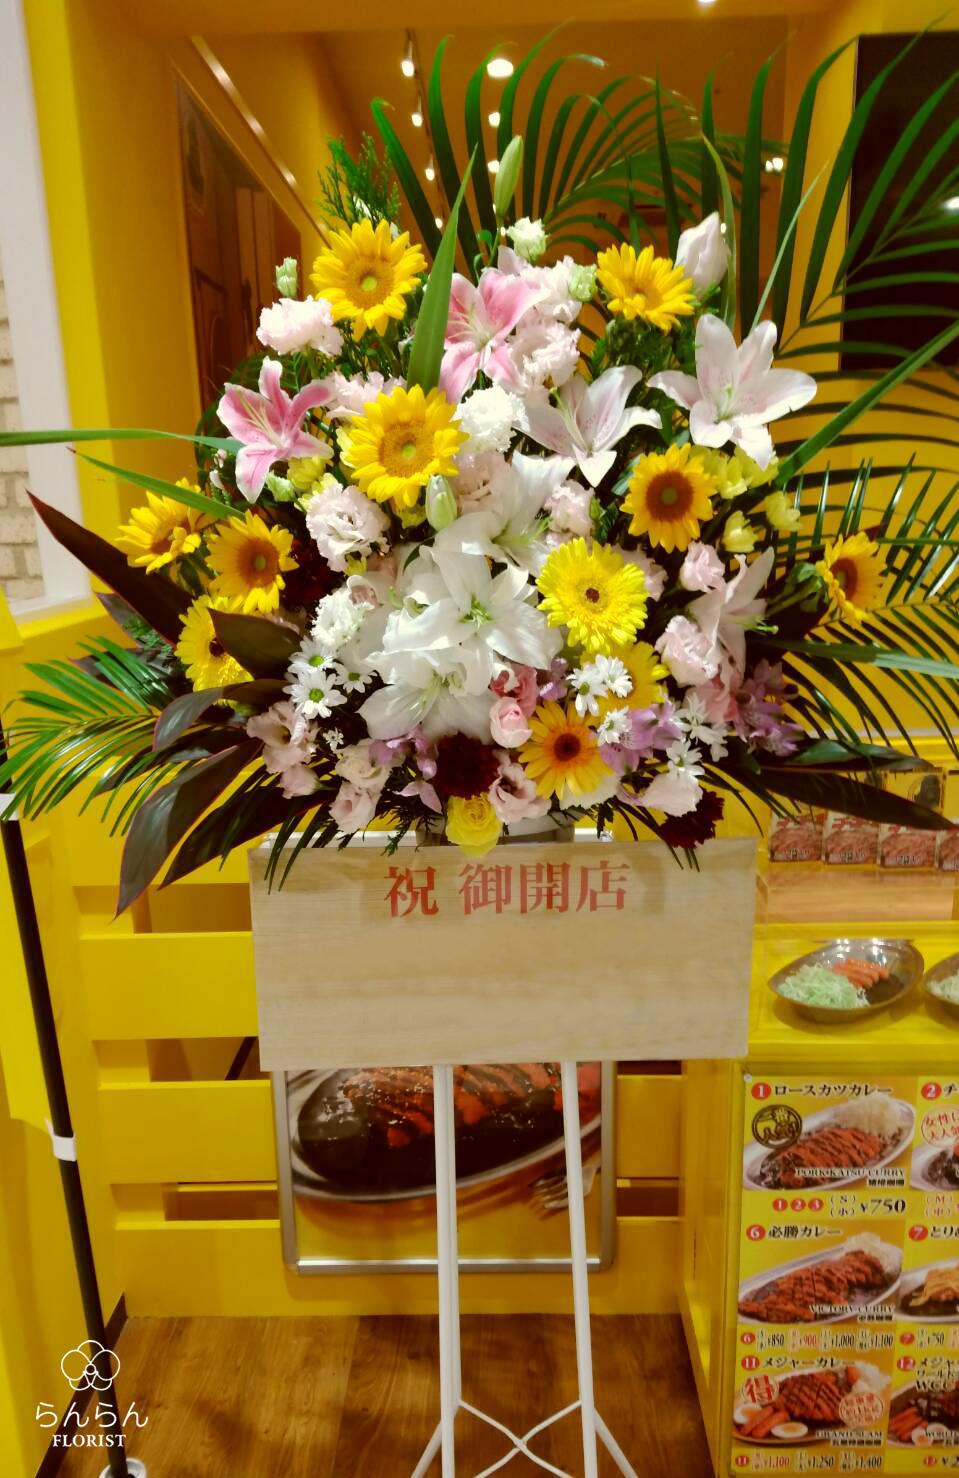 ゴーゴーカレー博多ゆめタウンスタジアム お祝いスタンド花